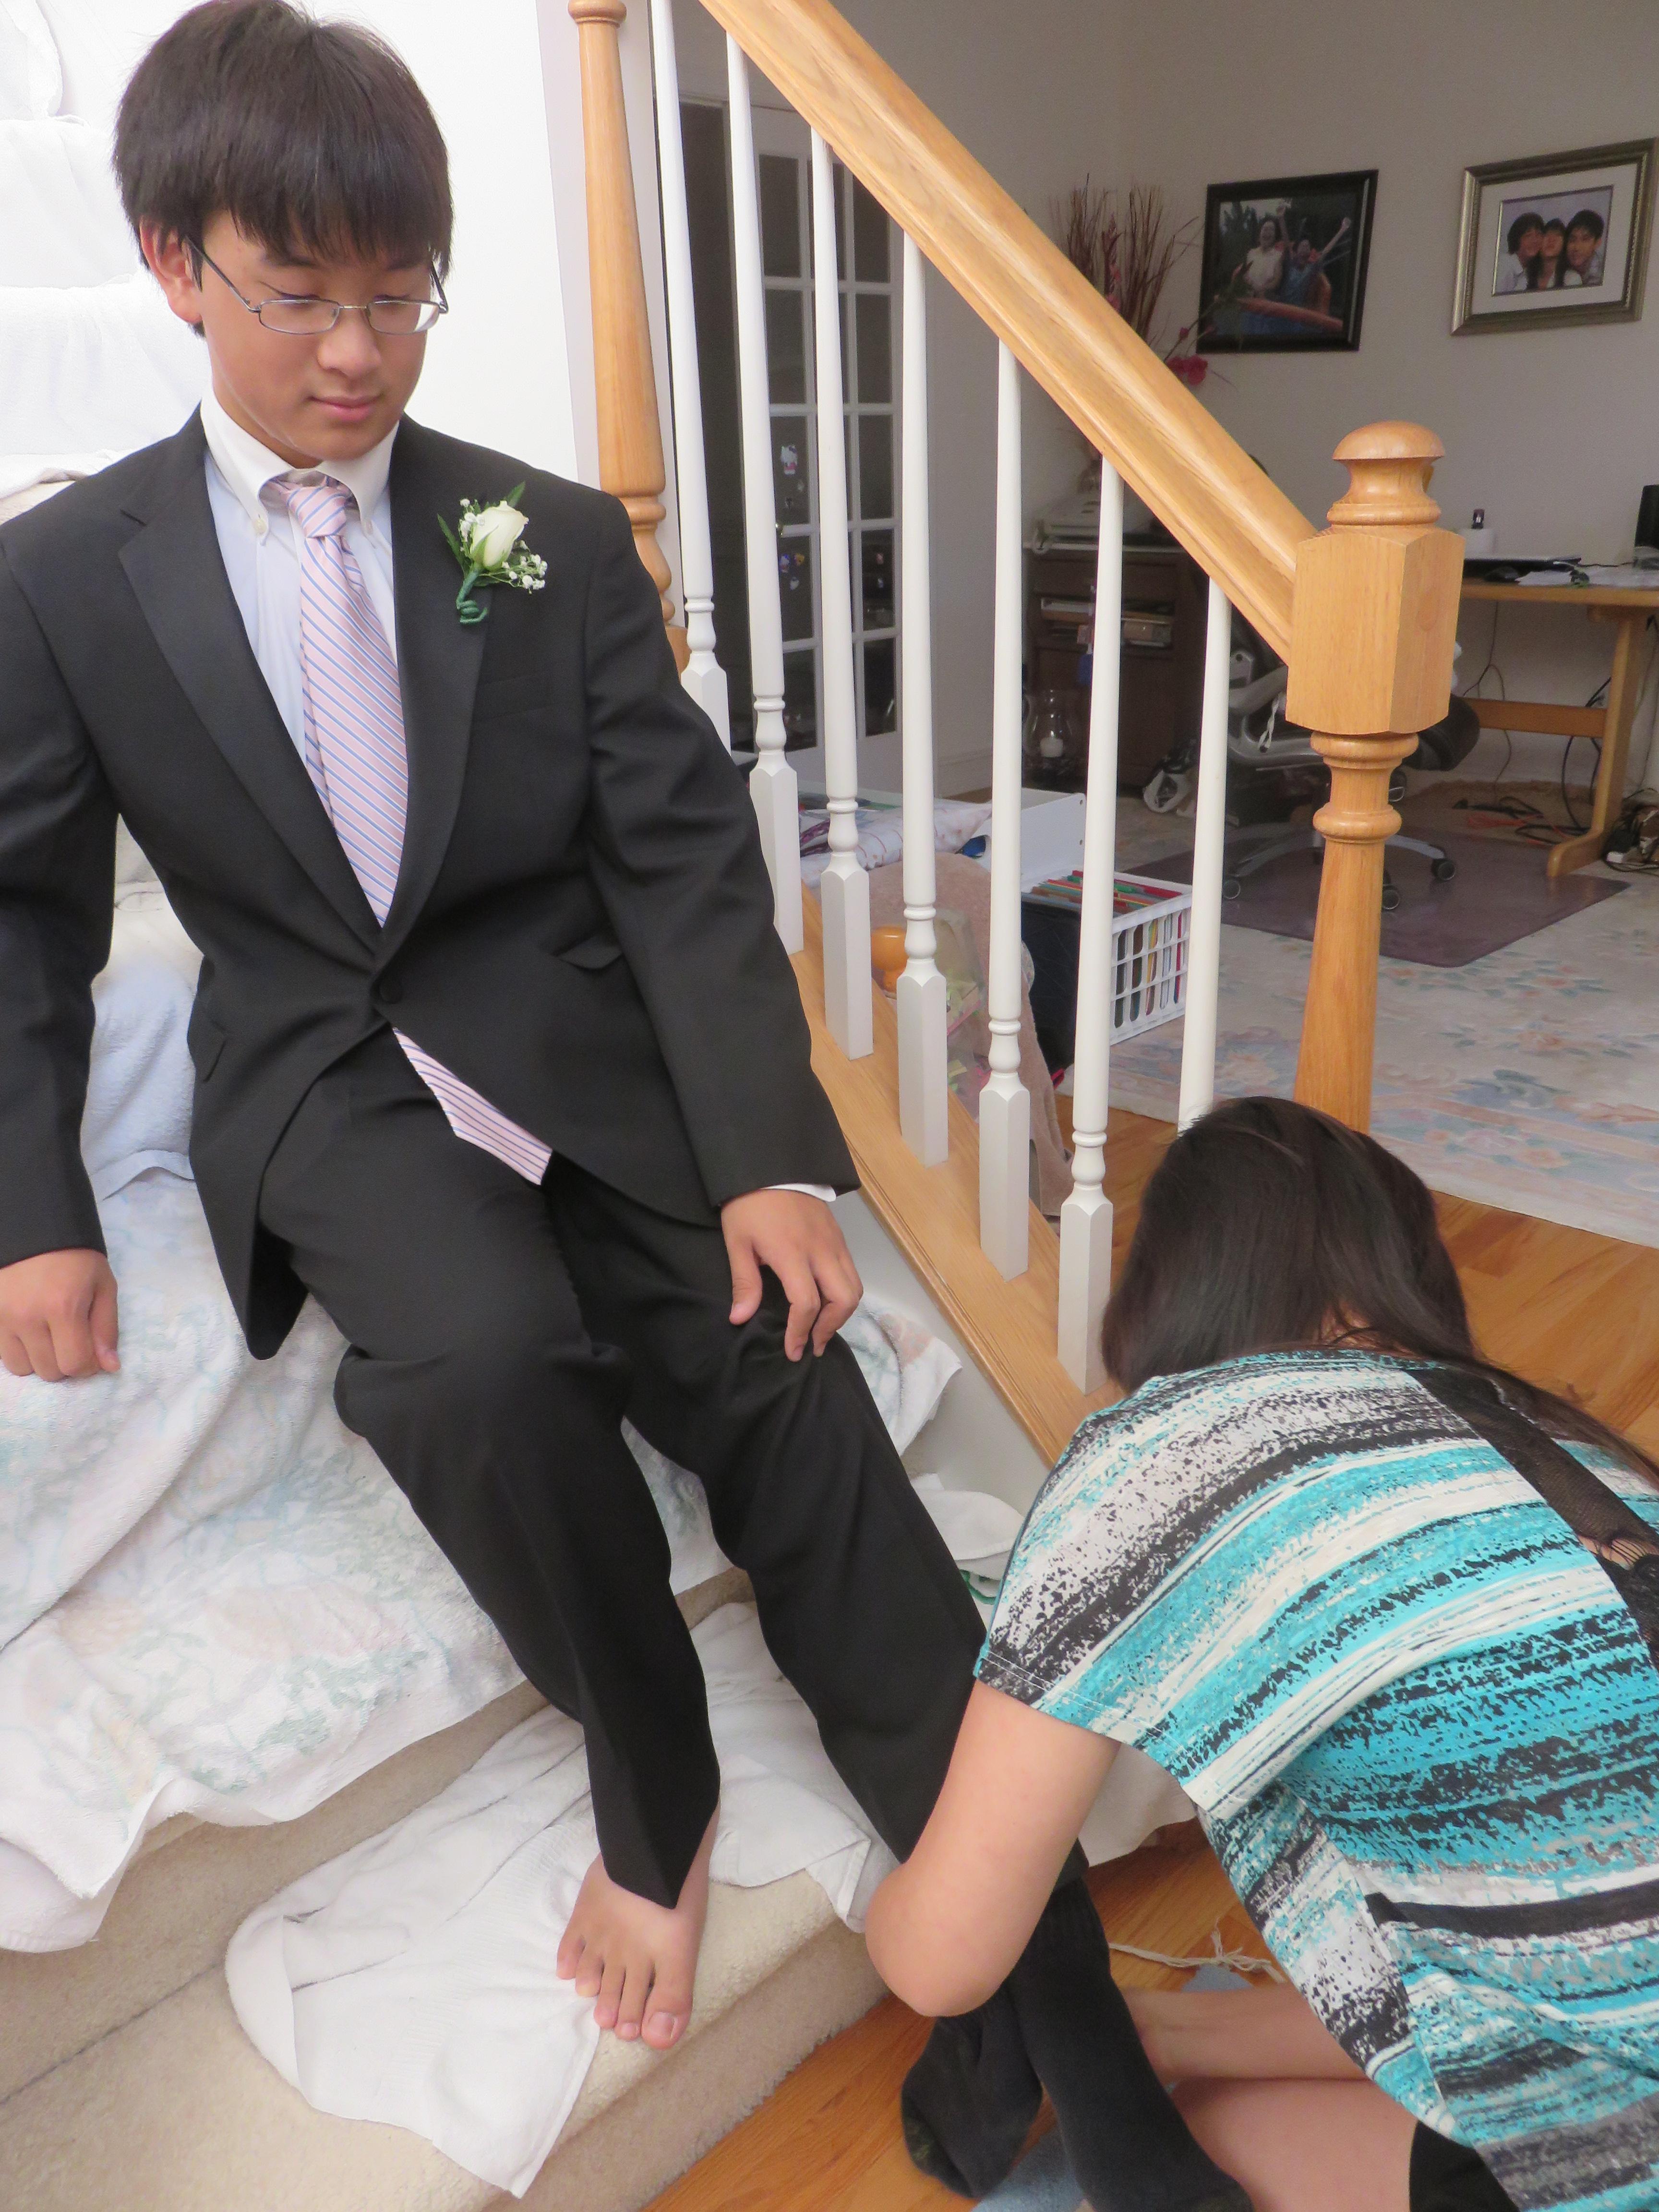 Emily putting Steven's socks on him!